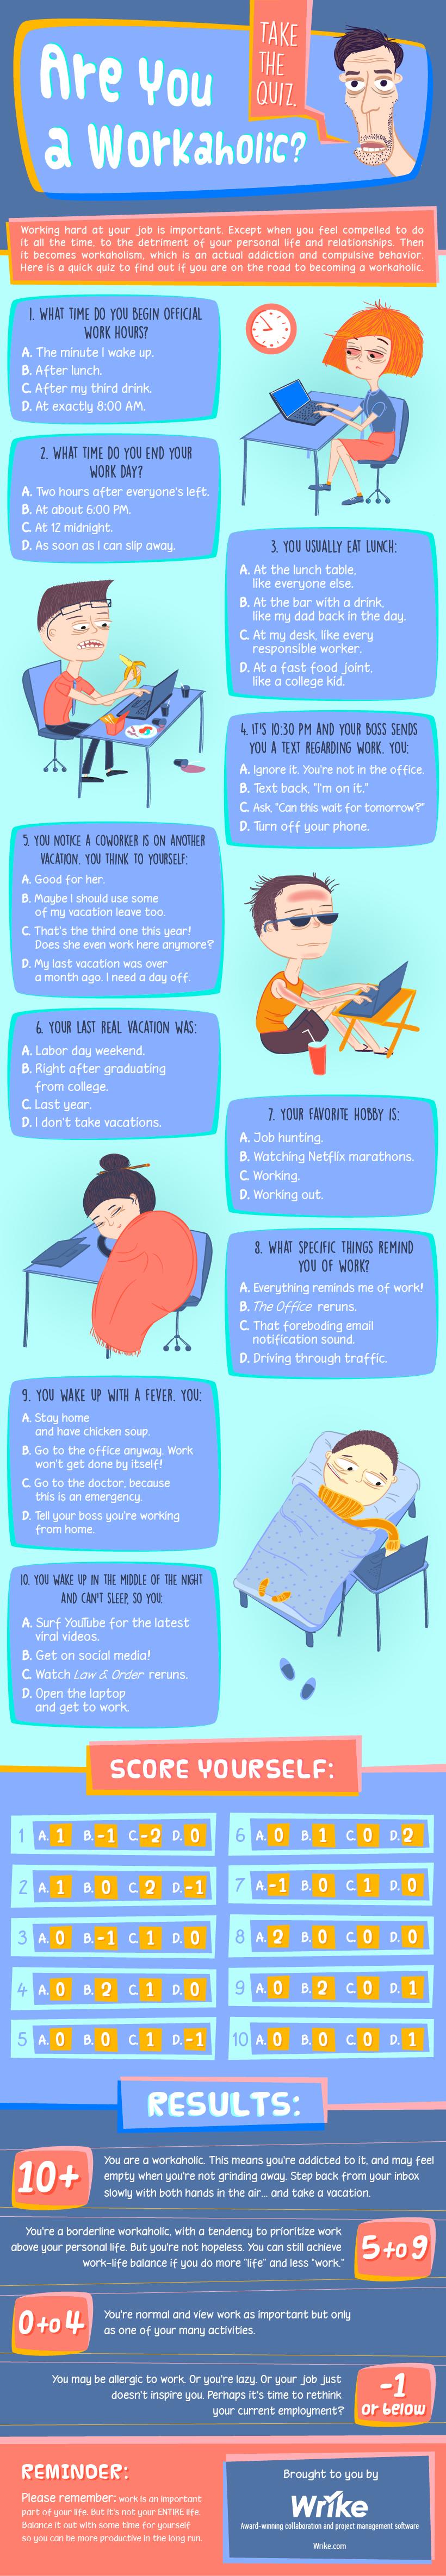 ¿Eres un workaholic? #infografia #infographic #rrhh